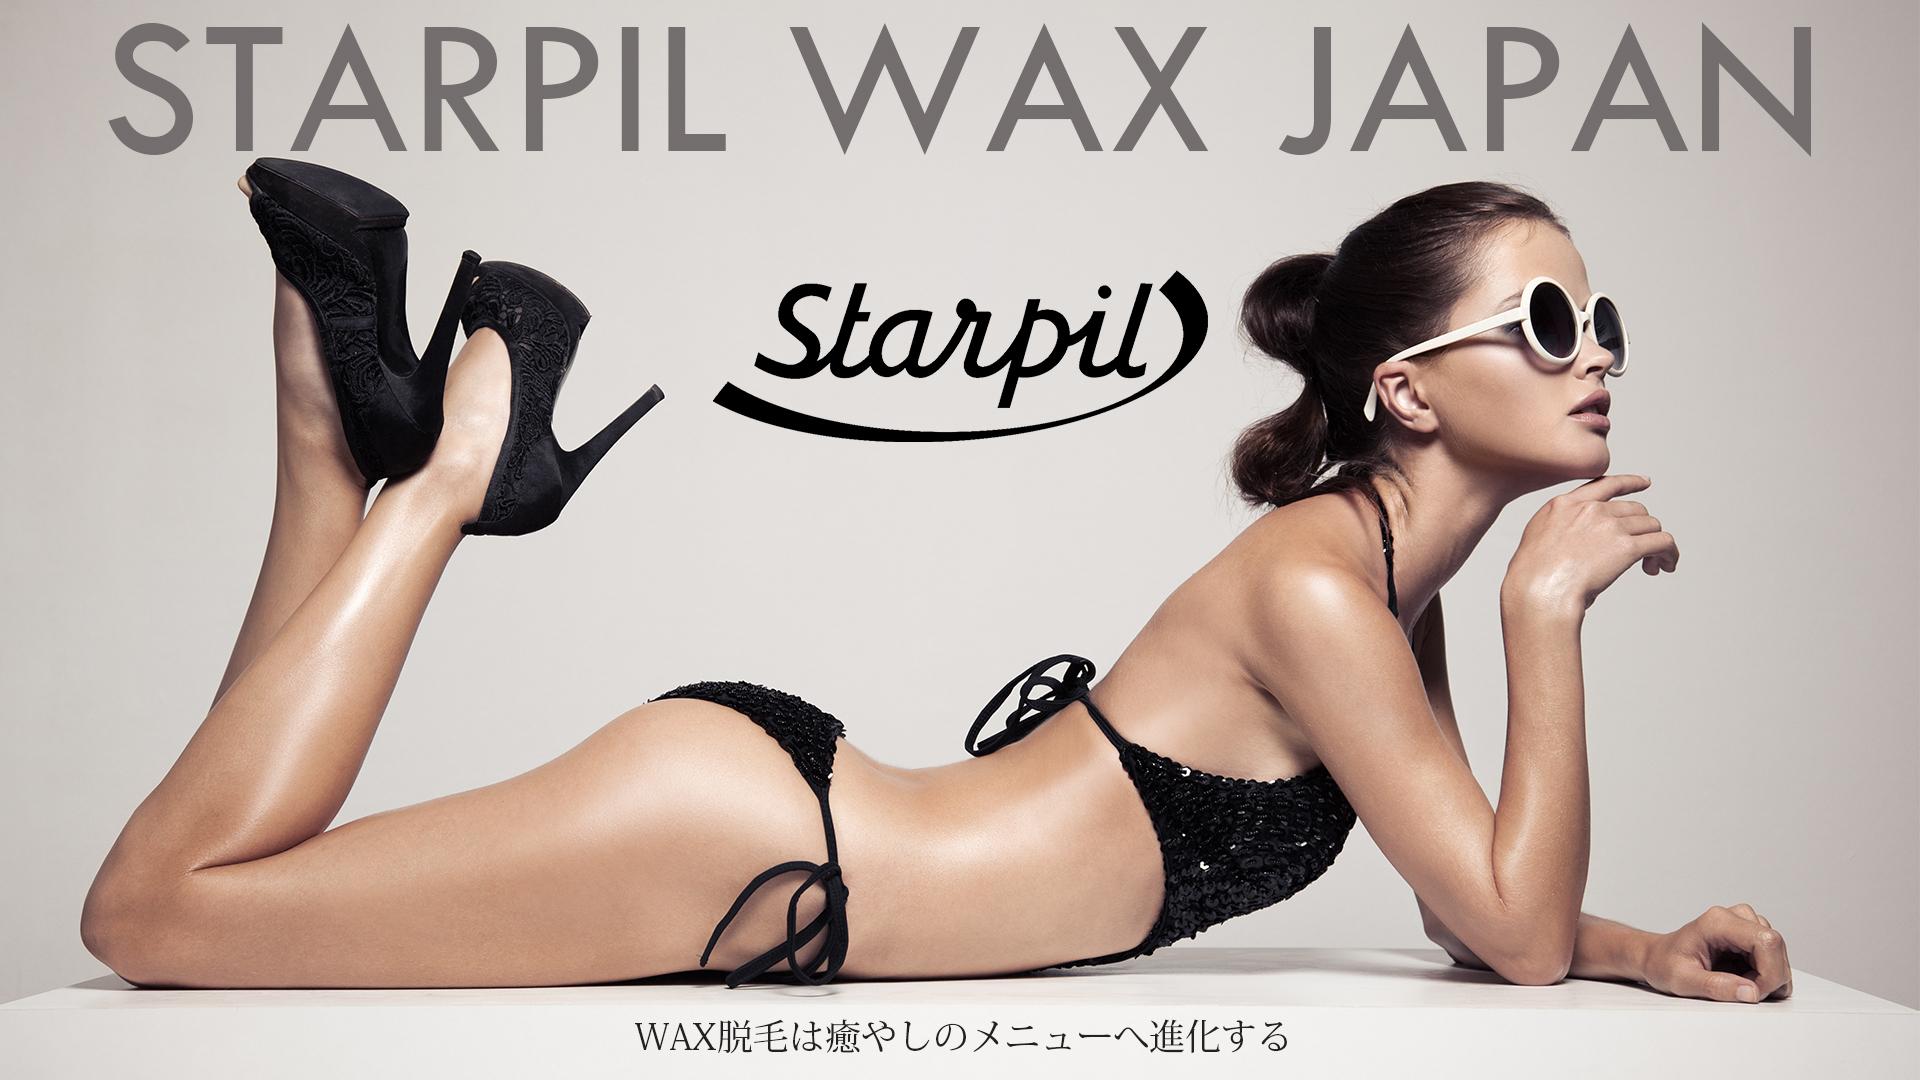 プロのための世界No.1ワックスブランド Starpil Waxスターピルワックス